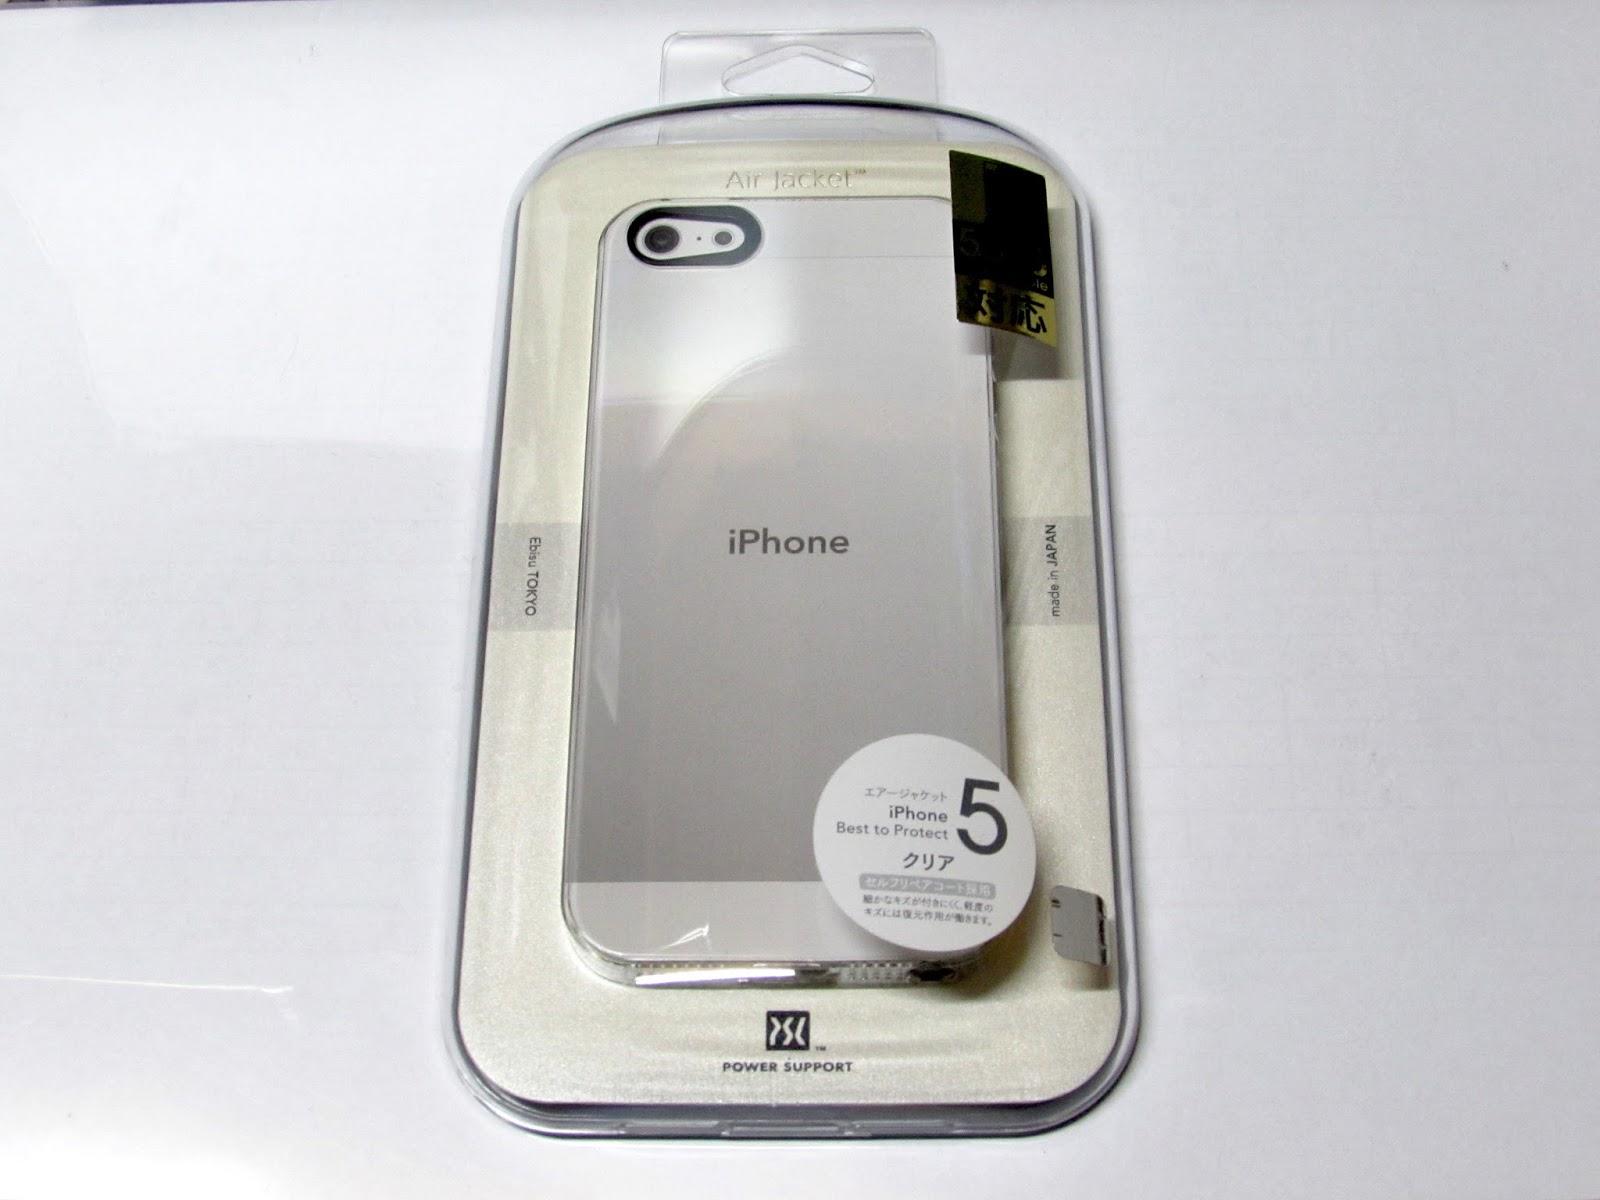 3fdccbc801 iPhoneのケースになります。 iPhone5sを購入した時に使用したケースと全く同じです。 何よりも細かい部分までカバーしてくれるので非常に良い。